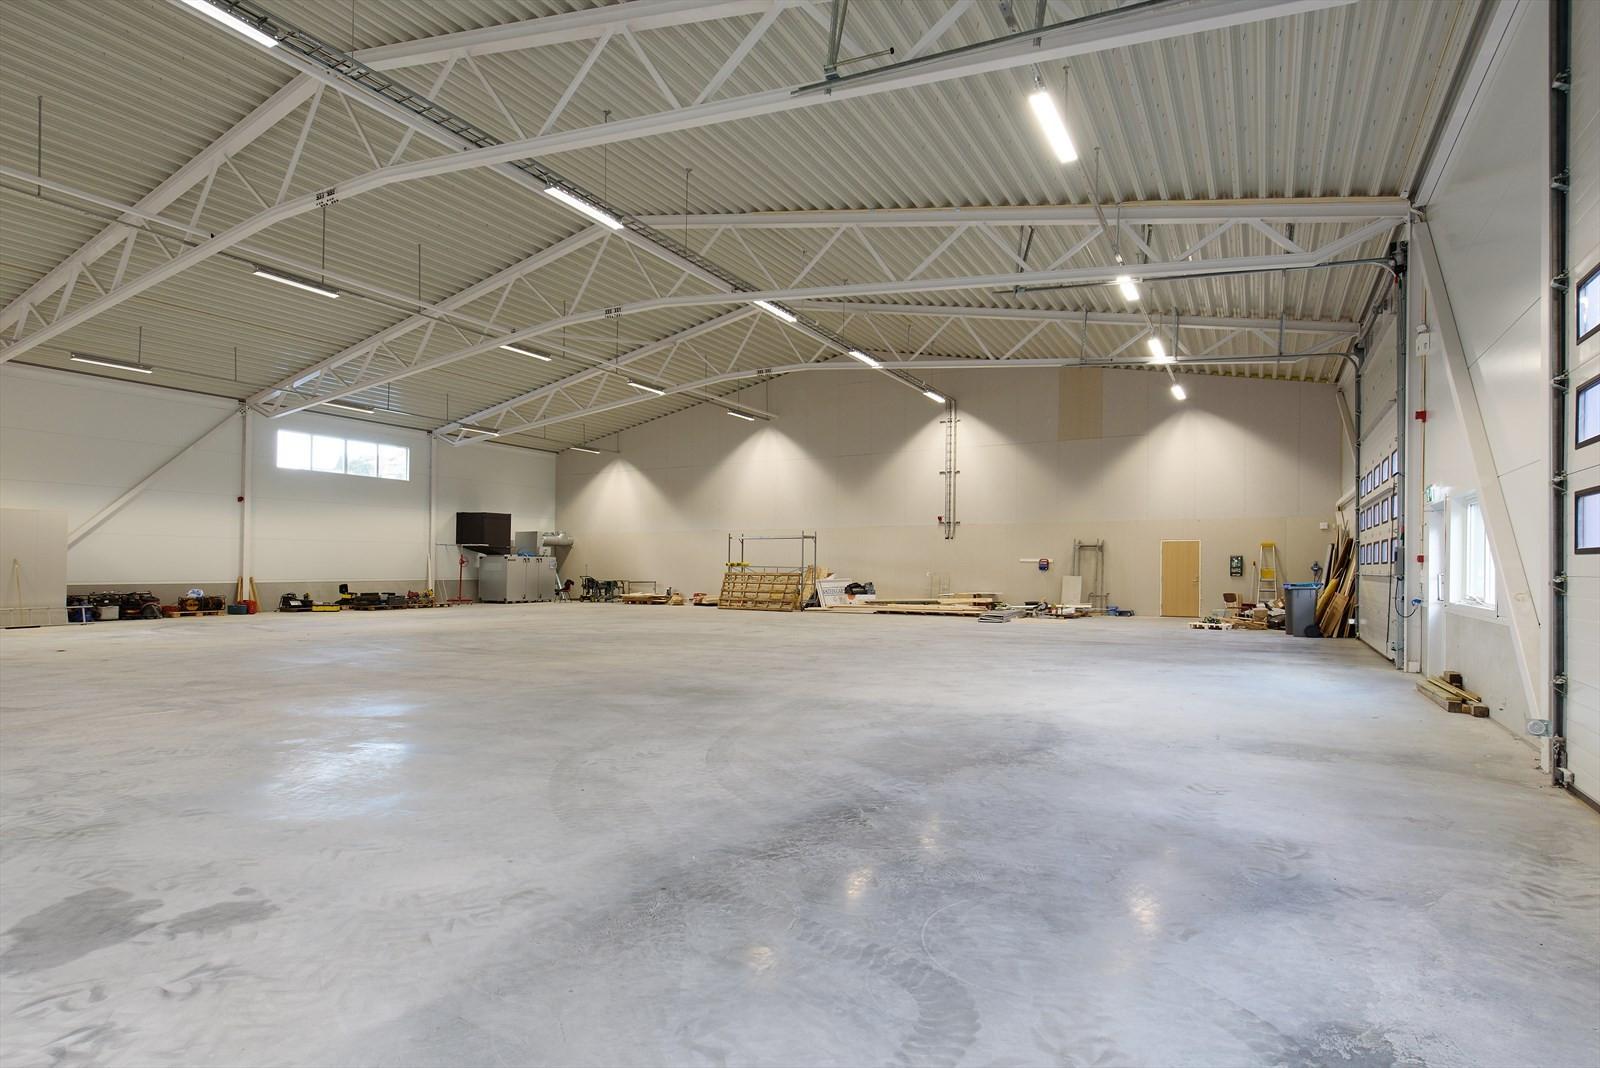 Nyoppført lagerhall med betongdekke, god takhøyde og stor kjøreport.